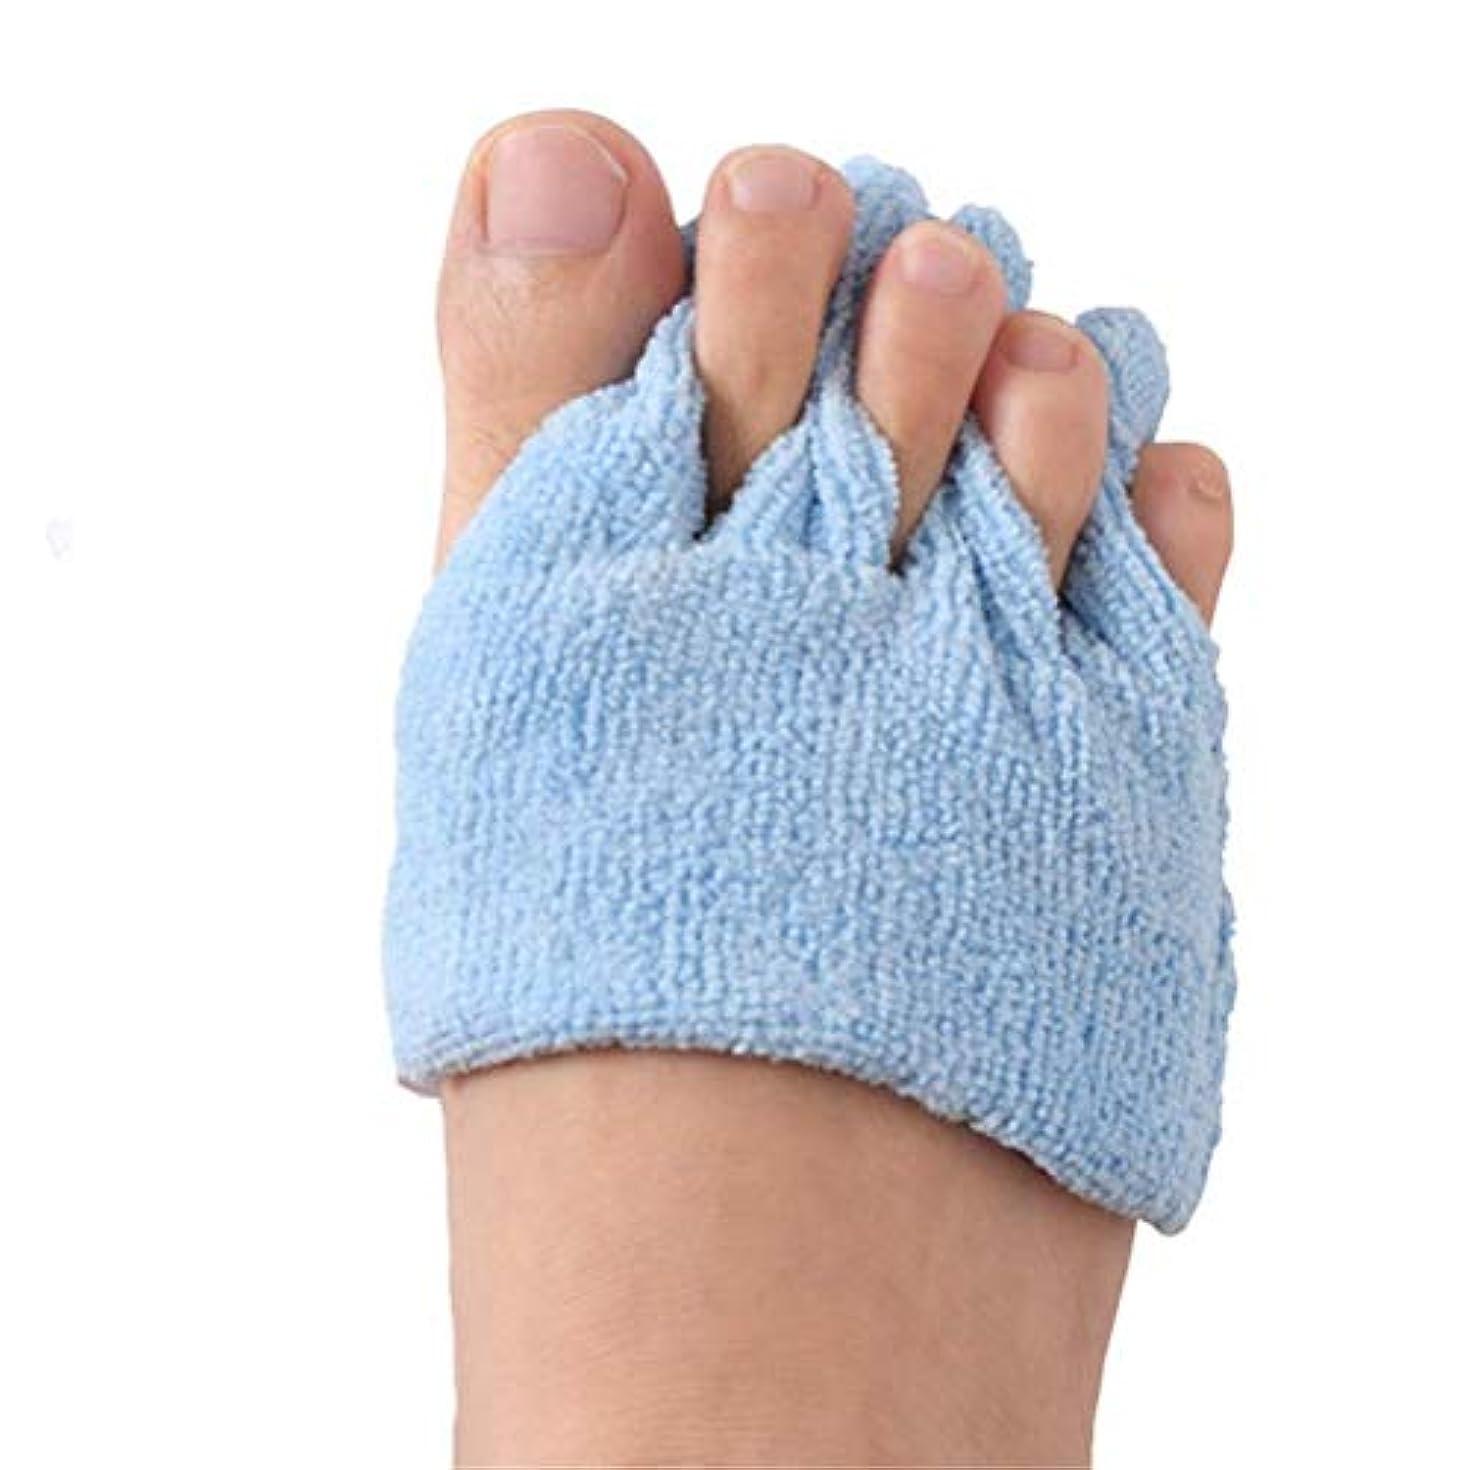 フィードバック病んでいるかもめつま先の分離器の患者の腱の運動つま先サポート反フィートの潰瘍パッドは片麻痺患者のためのつま先の変形を防ぐためにつま先を保護します